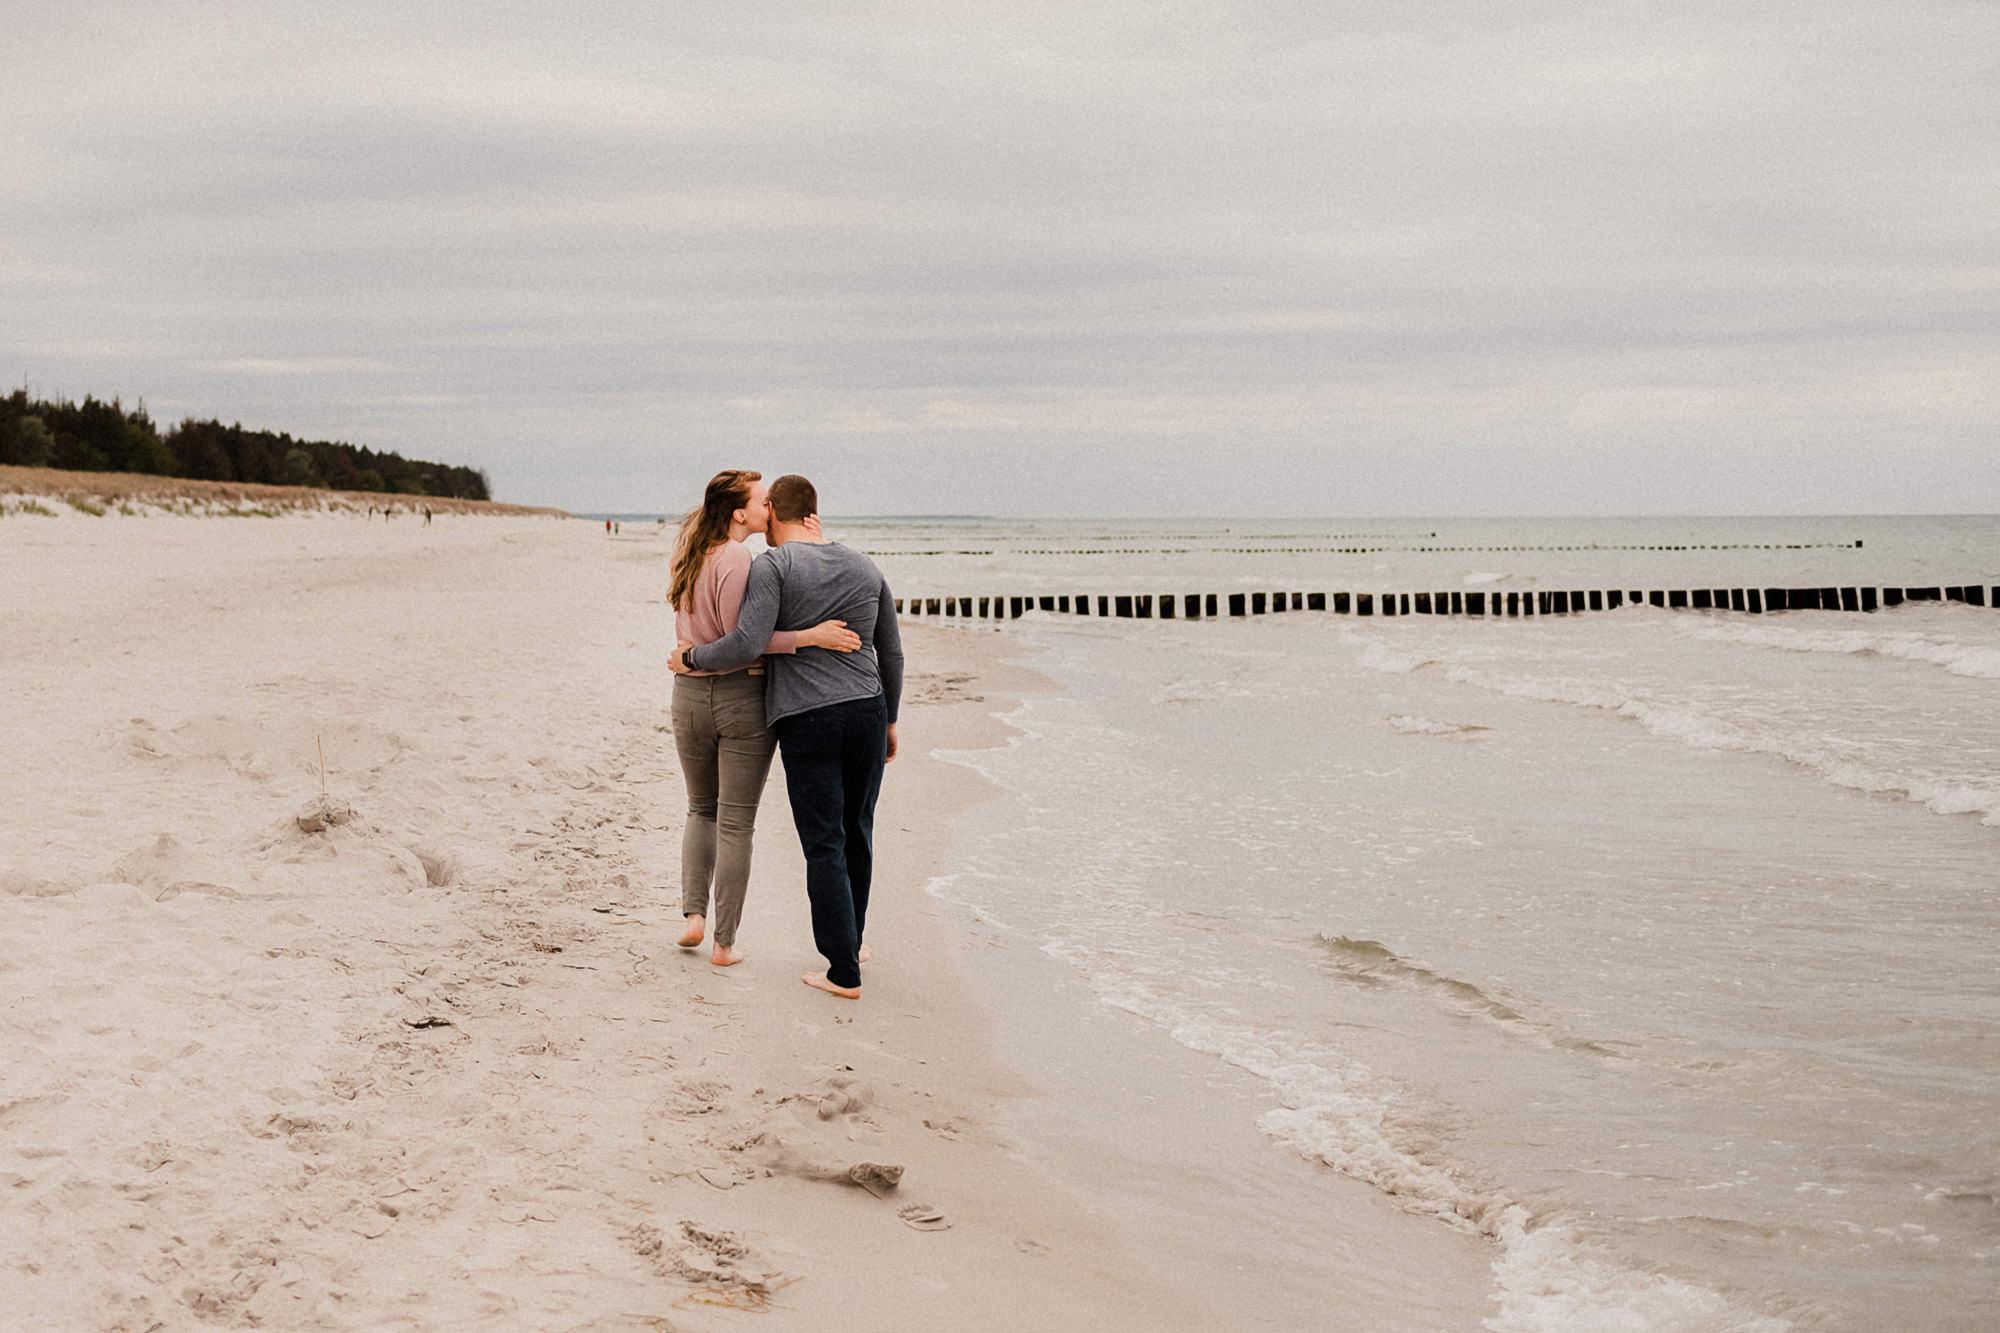 Paarshooting - Zingst - Pärchenfotos - Strand - Fischland Darß - After Wedding - Ostsee